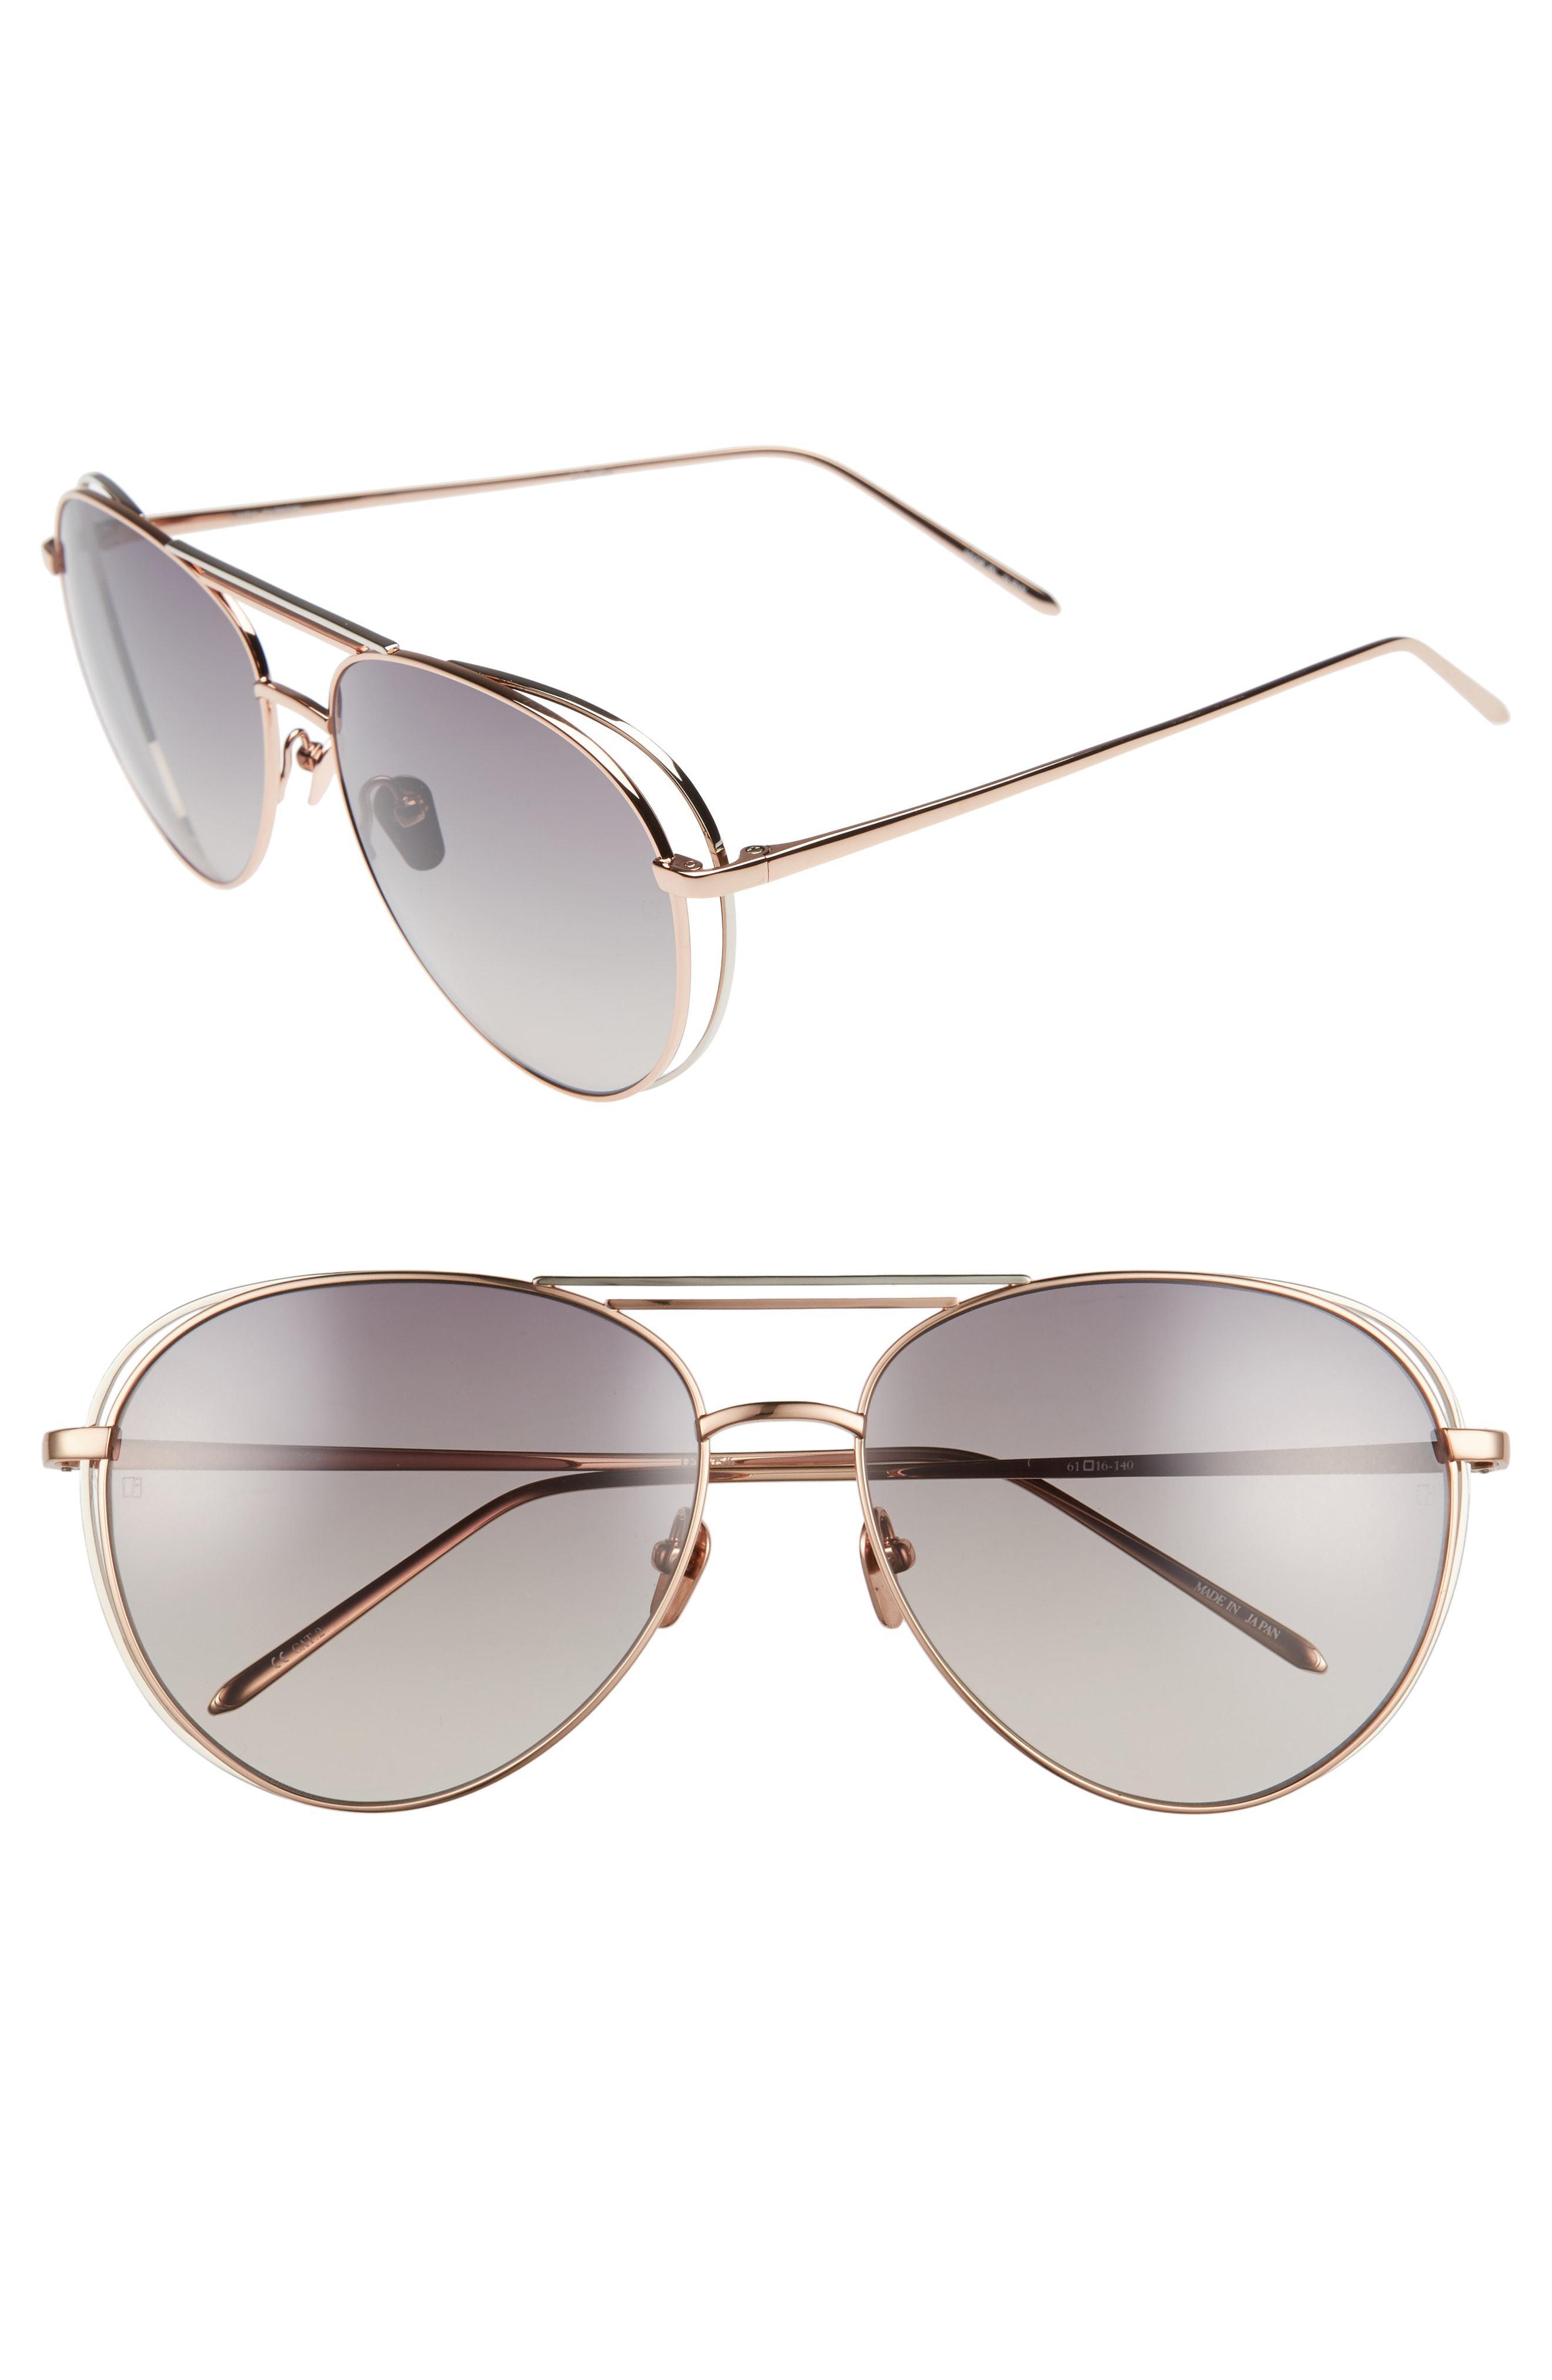 f6544763355 Lyst - Linda Farrow 61mm 18 Karat Gold Aviator Sunglasses - in Metallic